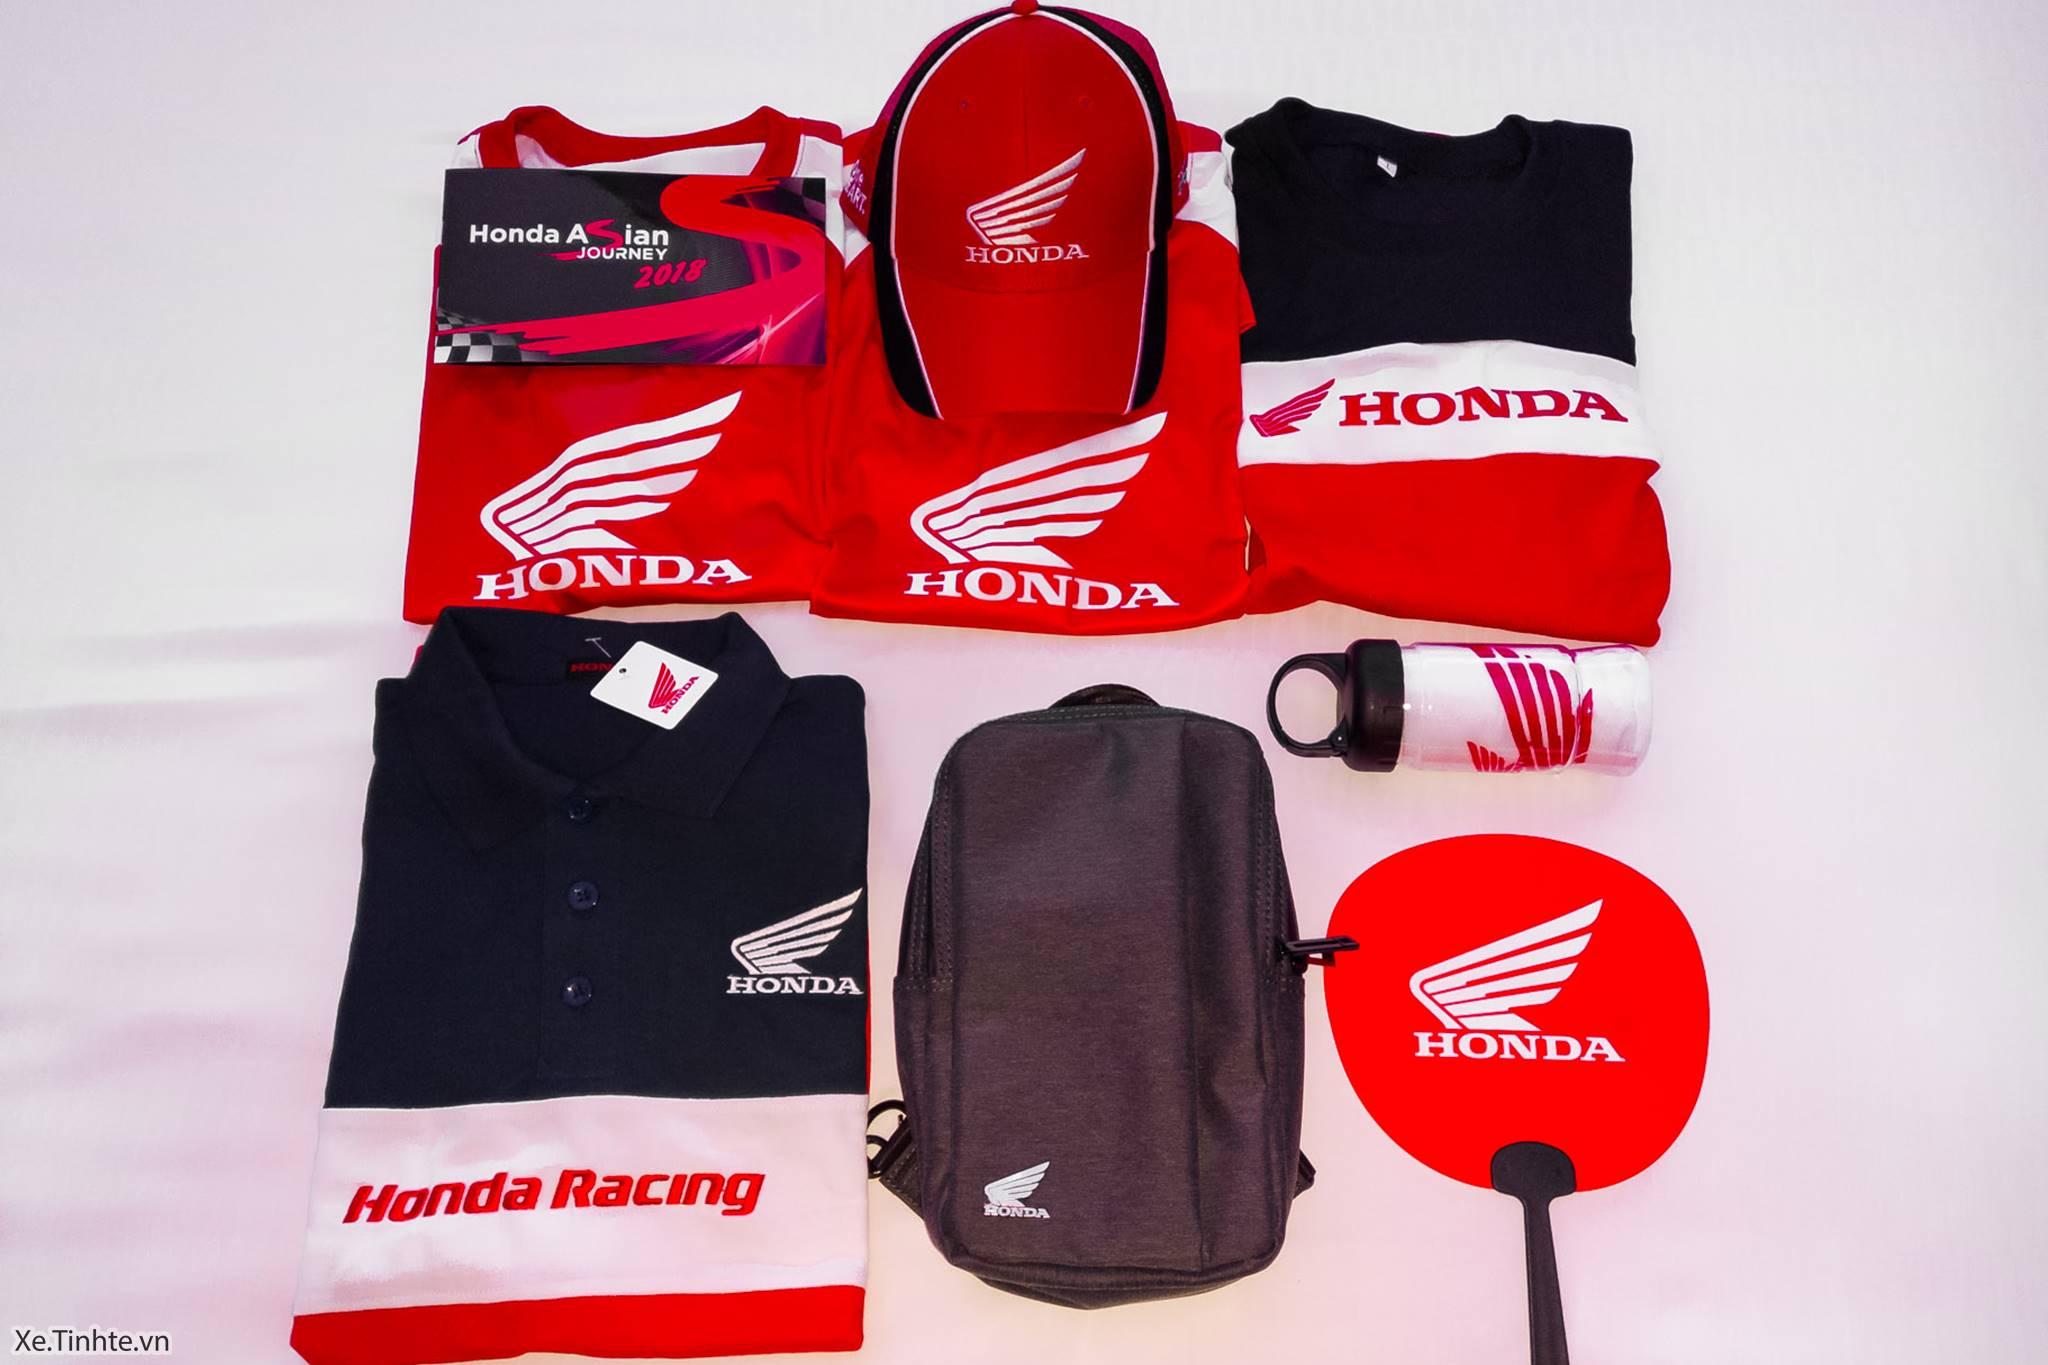 Honda_Asian_Journey_2018_Xe_Tinhte_IMAG0105.jpg